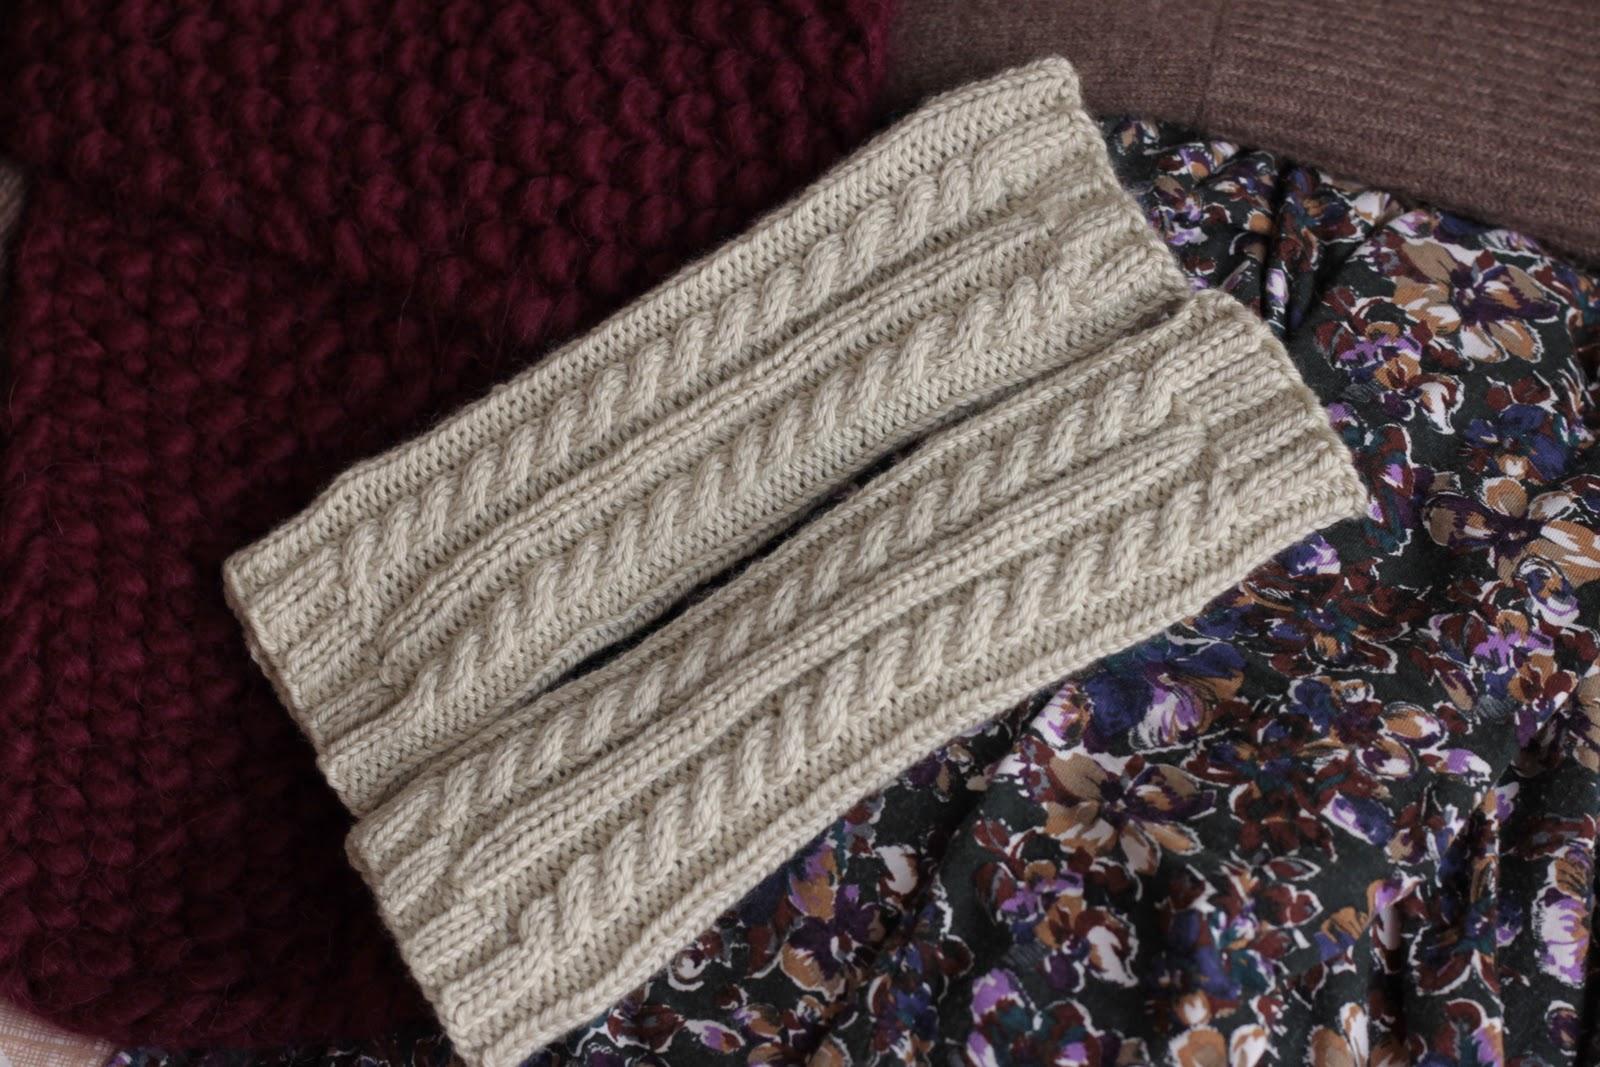 Wrist Warmer Knitting Pattern : KnittingPony: Cabled Wrist Warmers (Free Knitting Pattern)